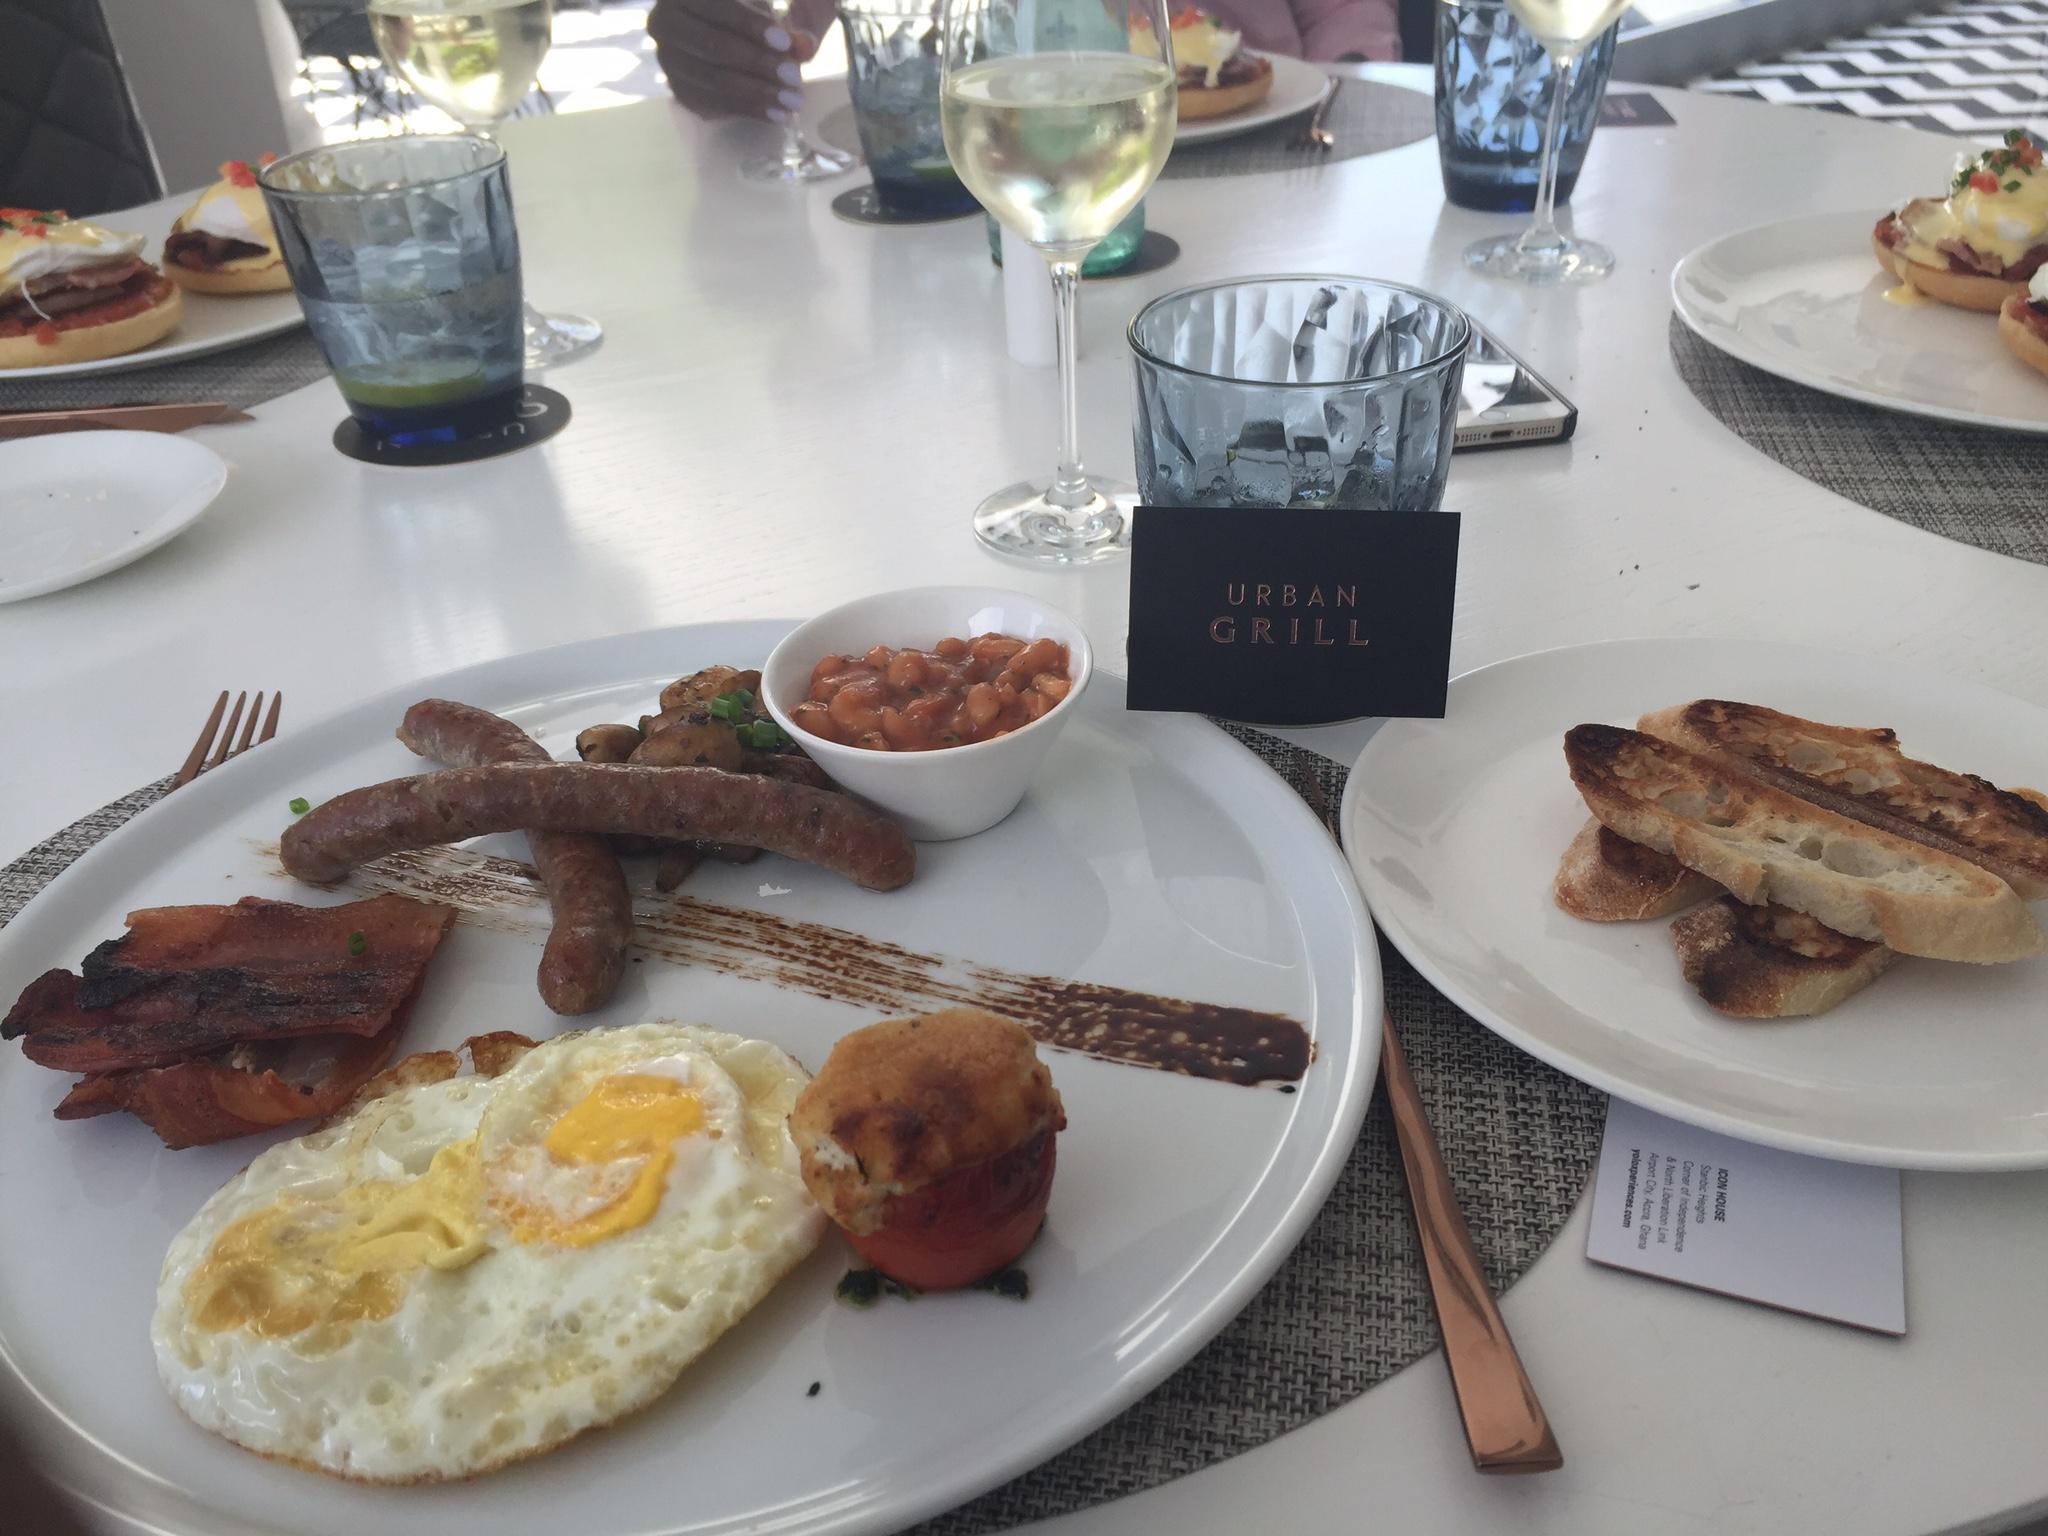 Urban Breakfast, Urban Grill